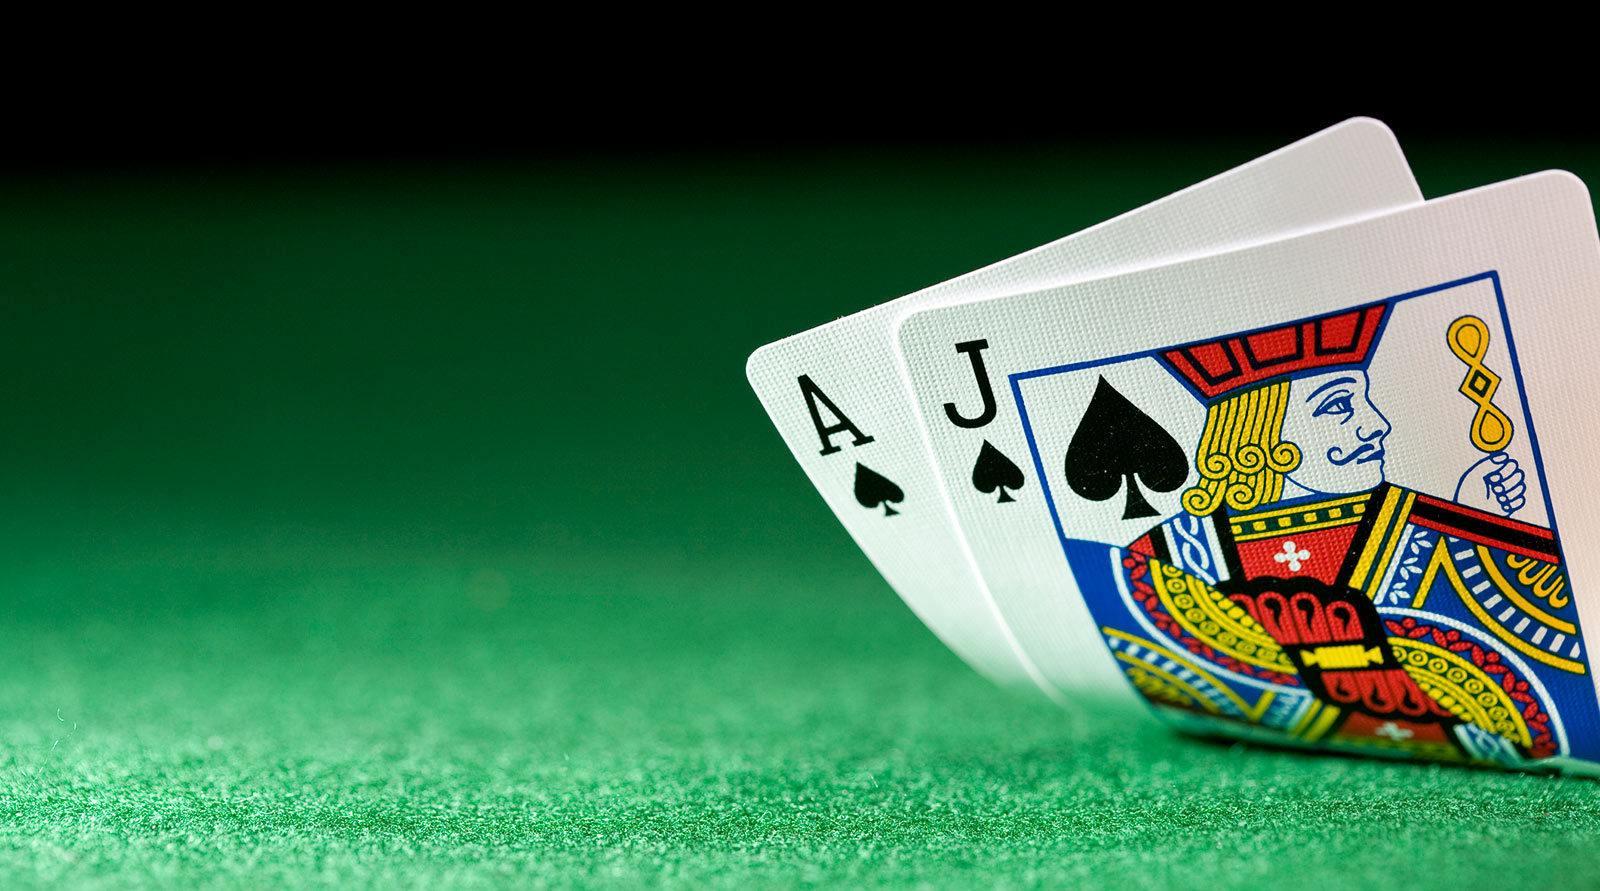 Several Blackjack game strategies